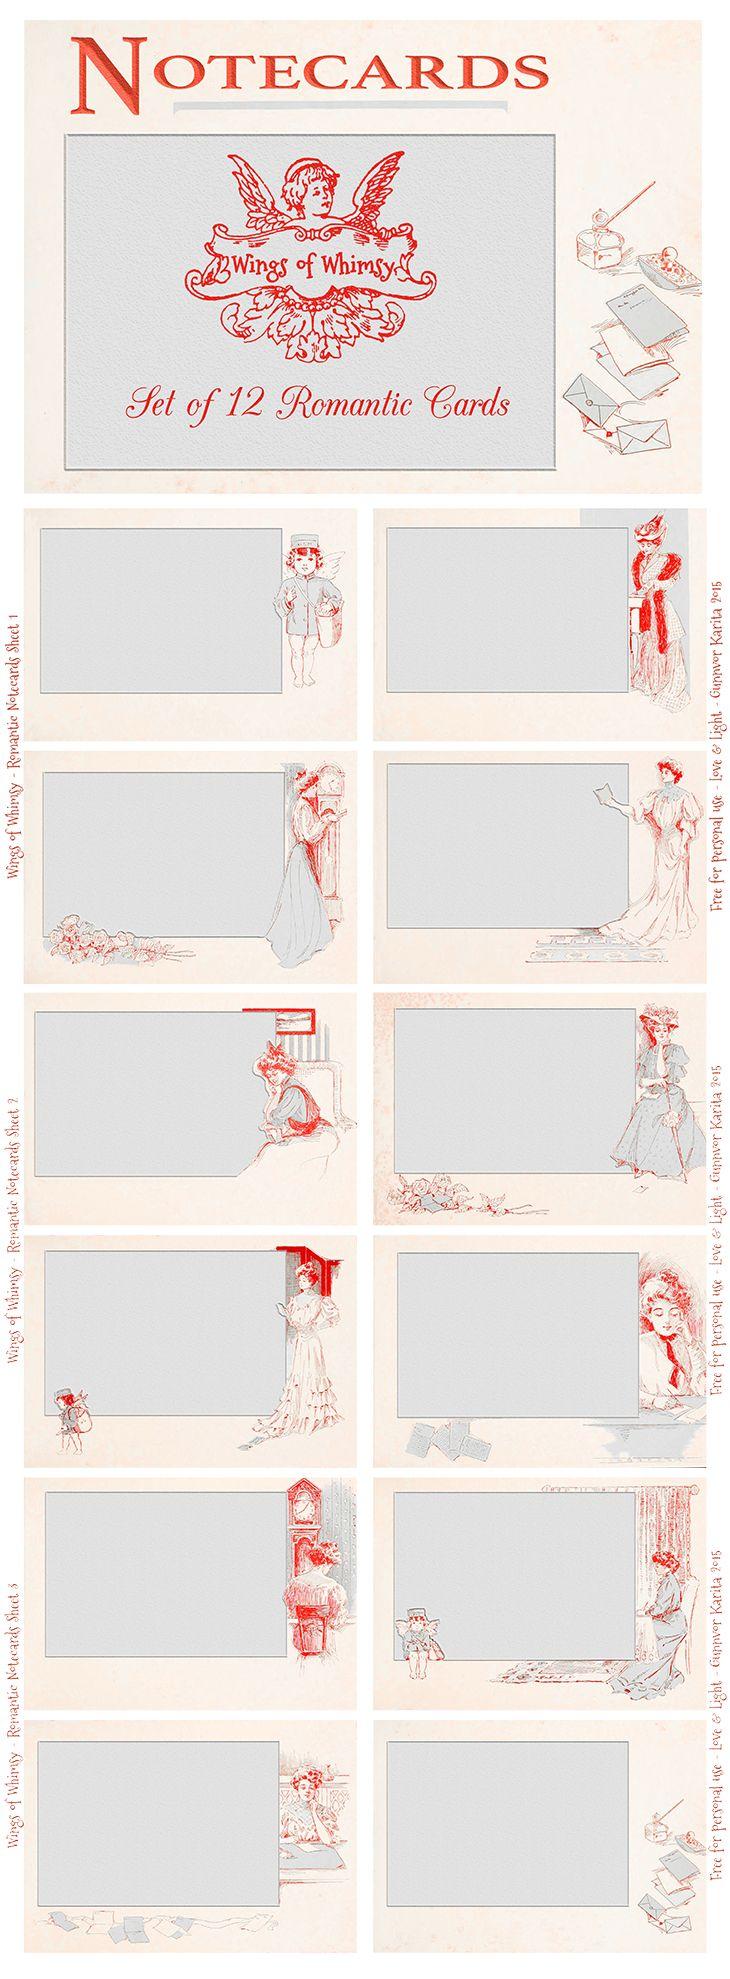 Wings of Whimsy: Set of 12 Romantic Notecards #freebie #printable #vintage #ephemera #notecard# romantic